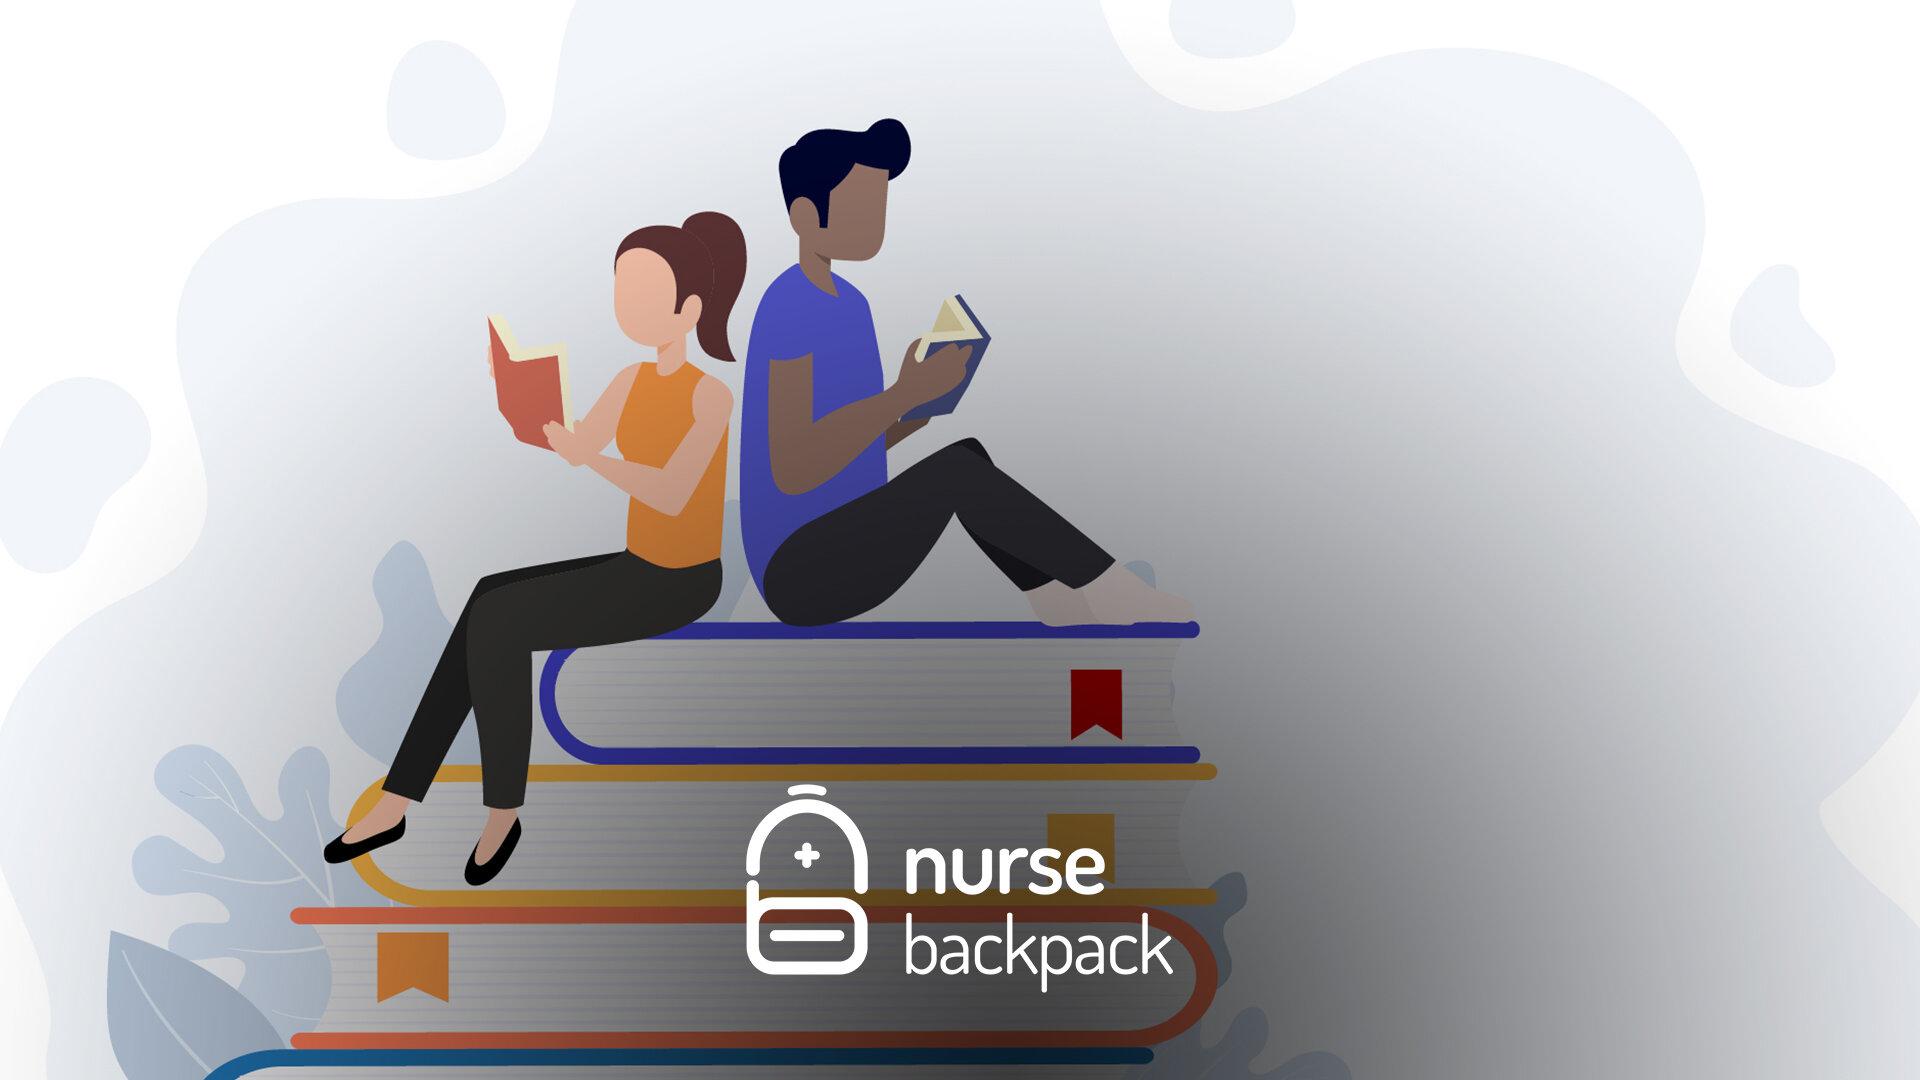 nurse backpack mobile app for nurse credential and license management